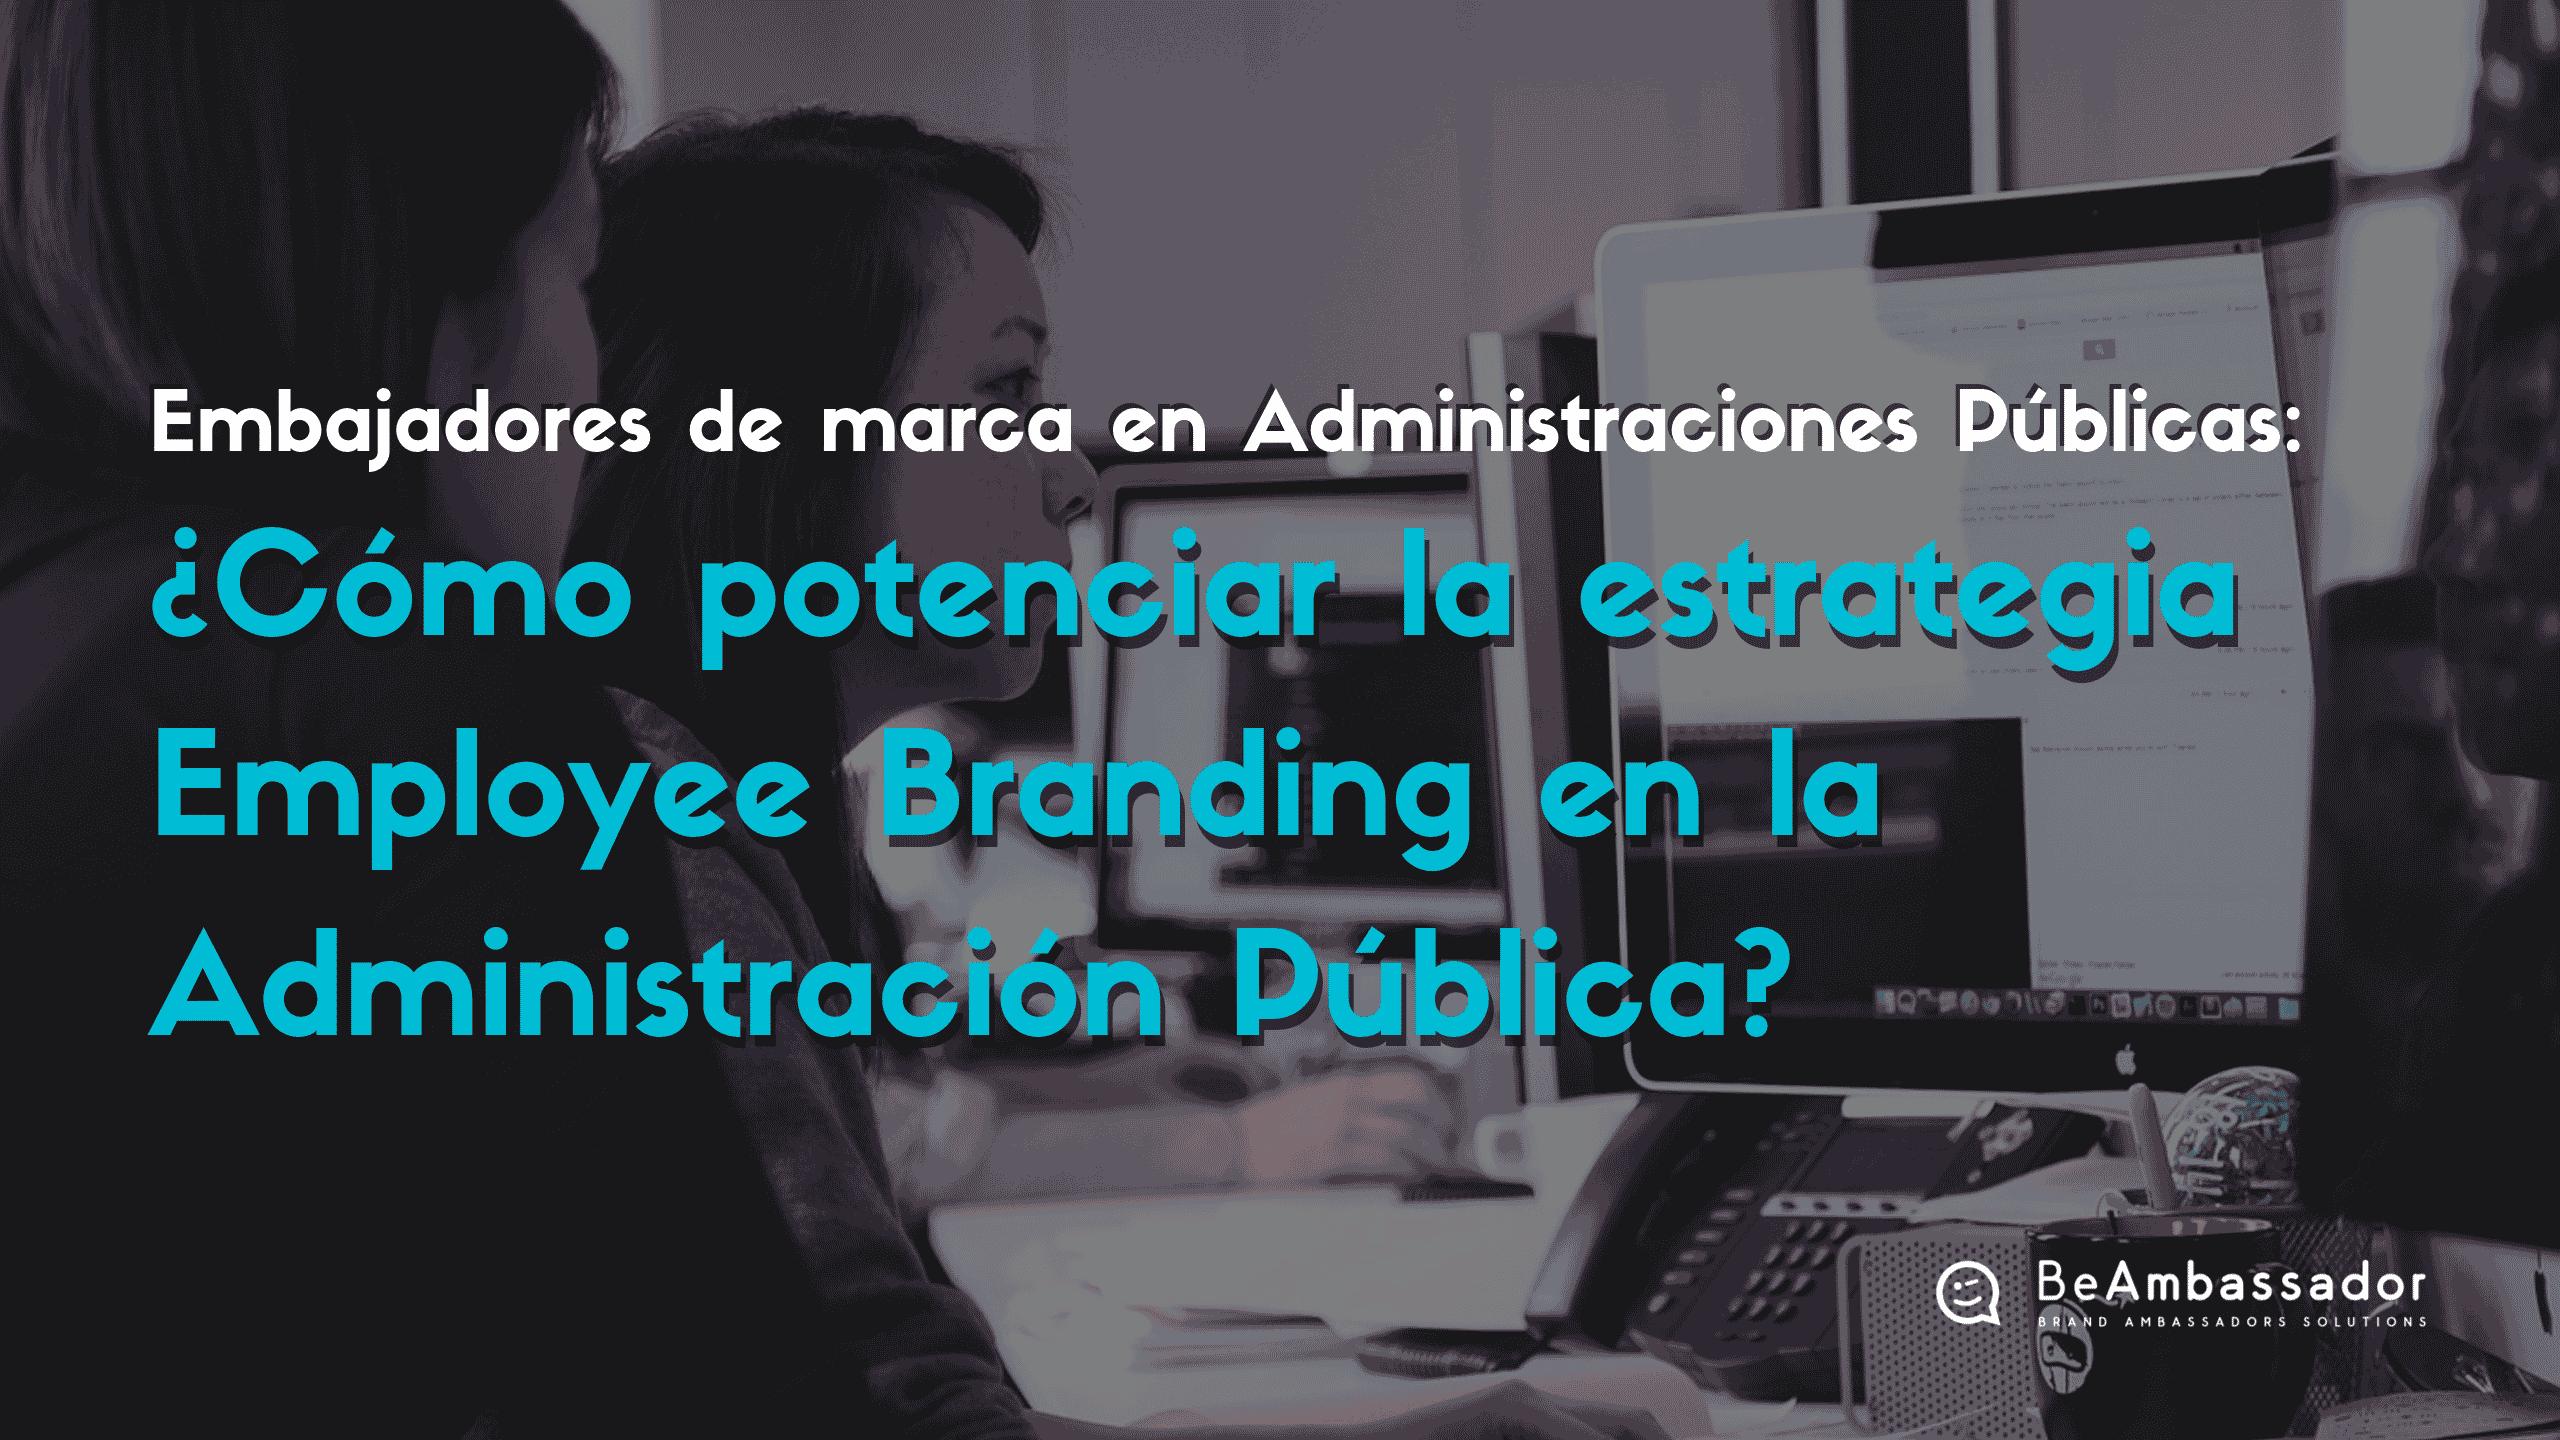 Cómo establecer una red de embajadores de marca en las administraciones públicas